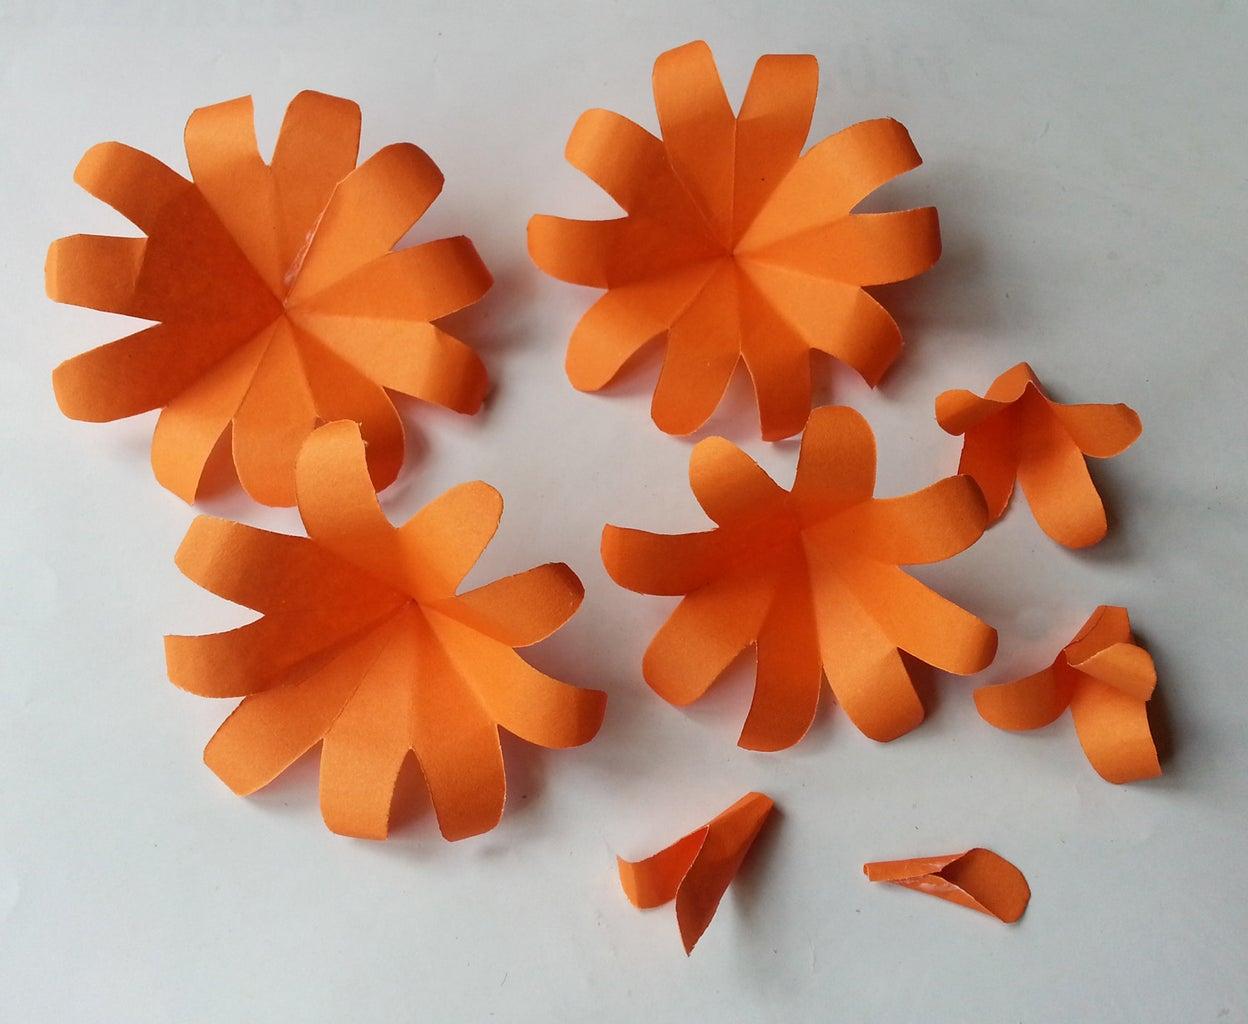 12 Petals